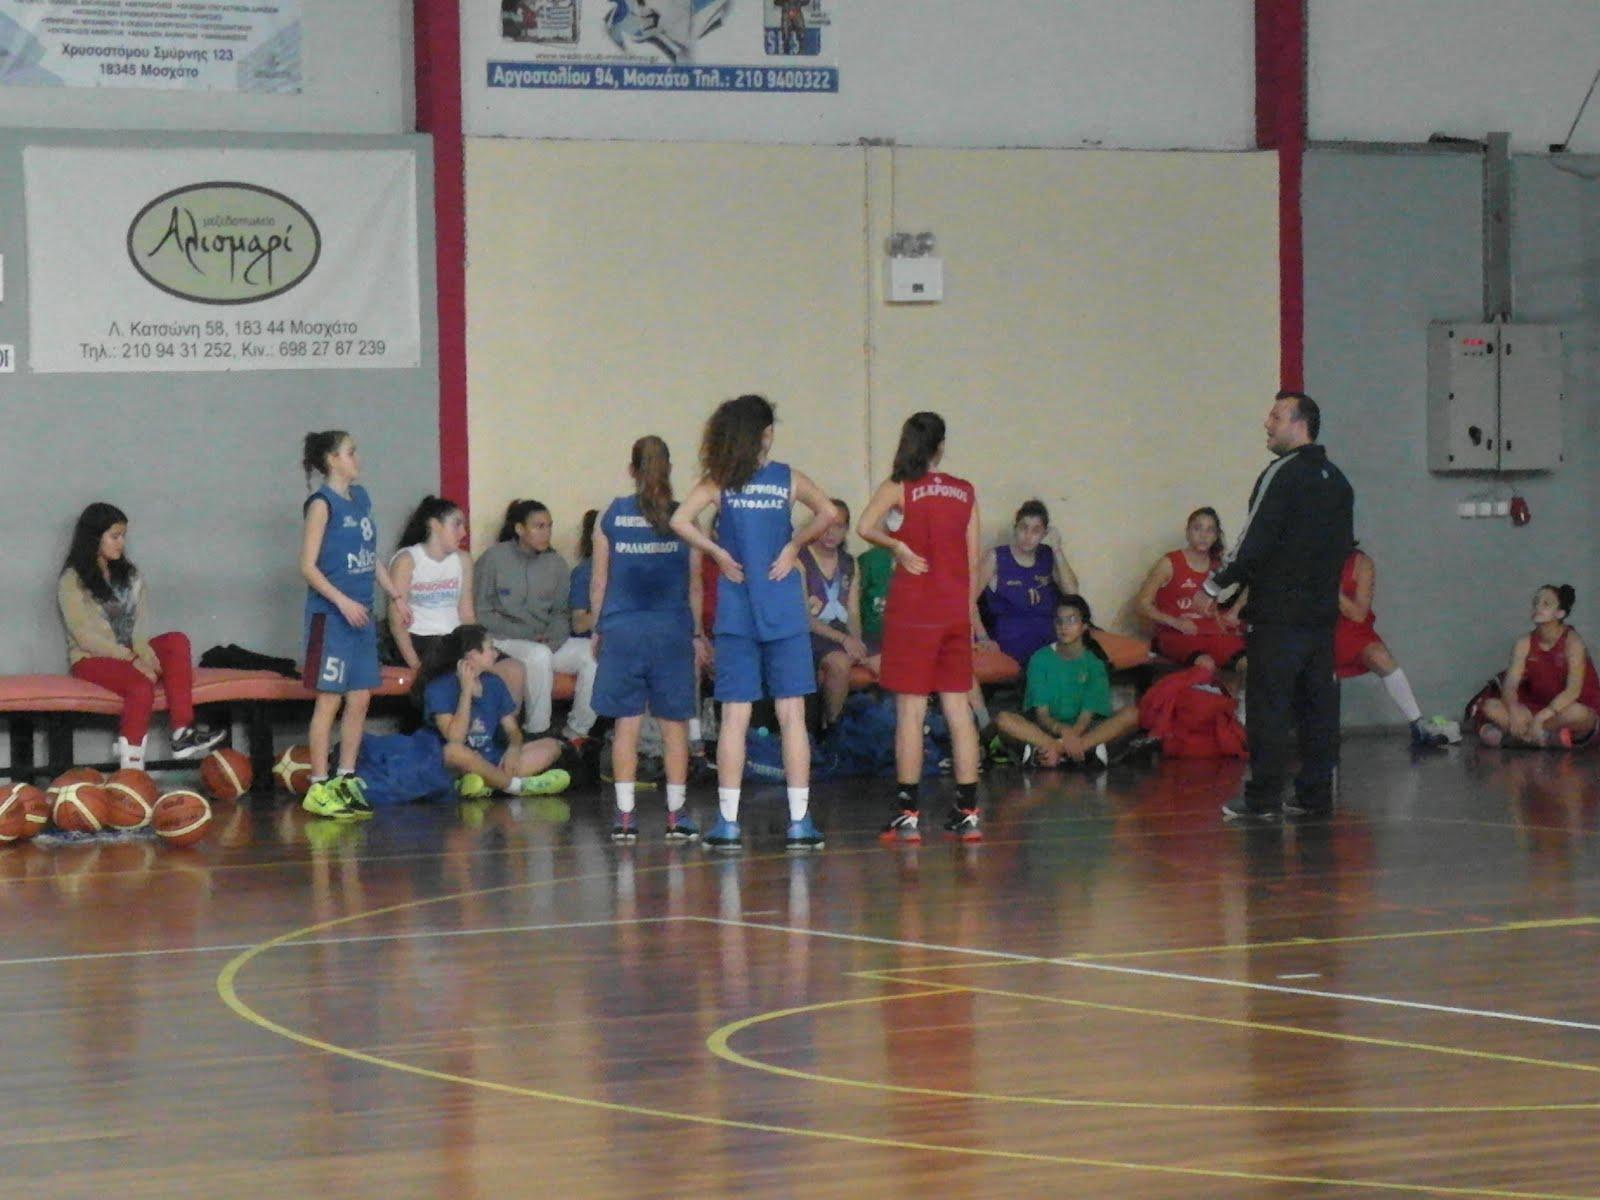 Δημητρας basket blog